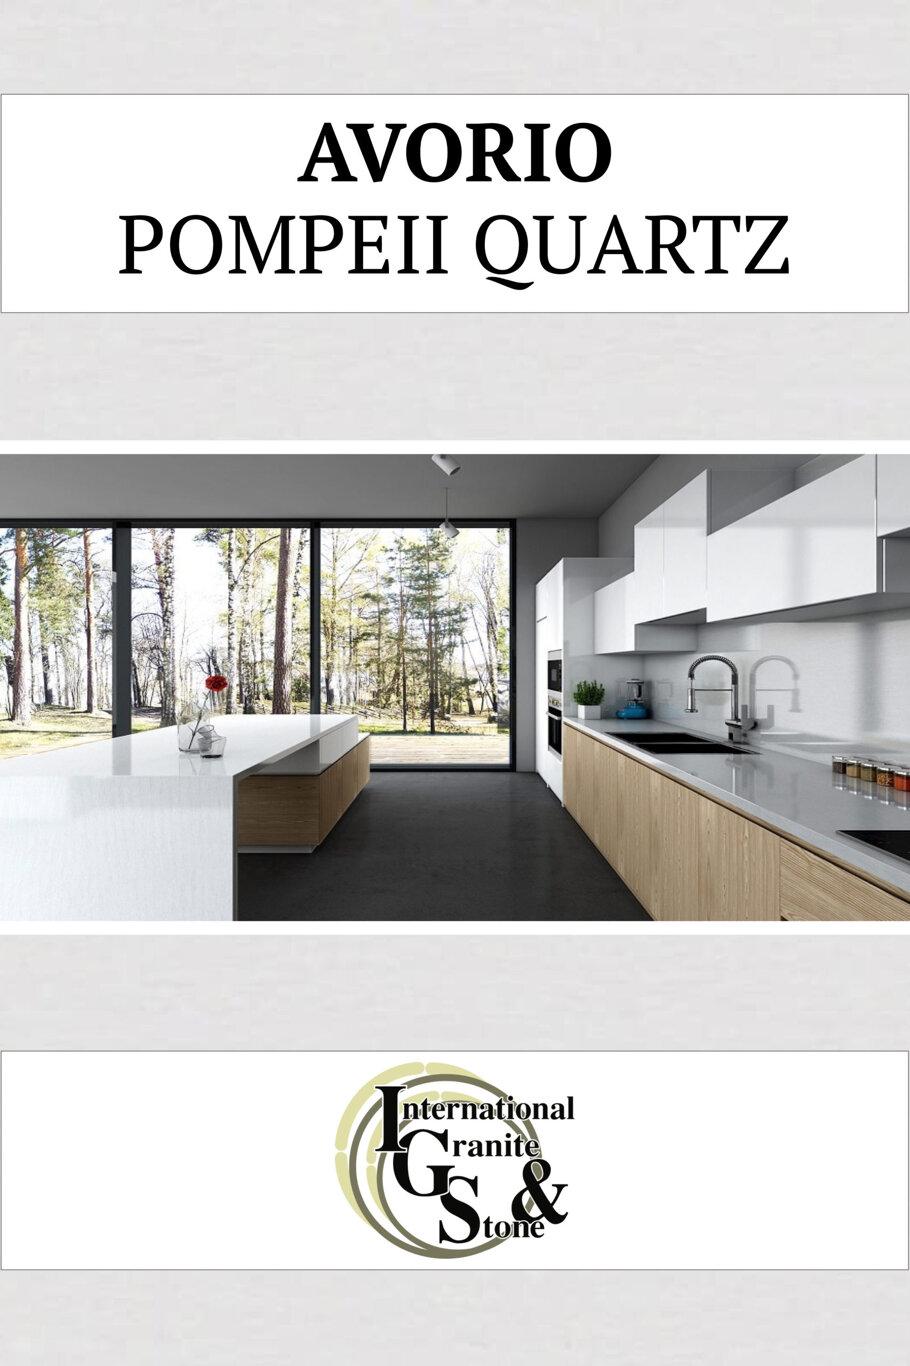 Avorio Pompeii Quartz Countertops